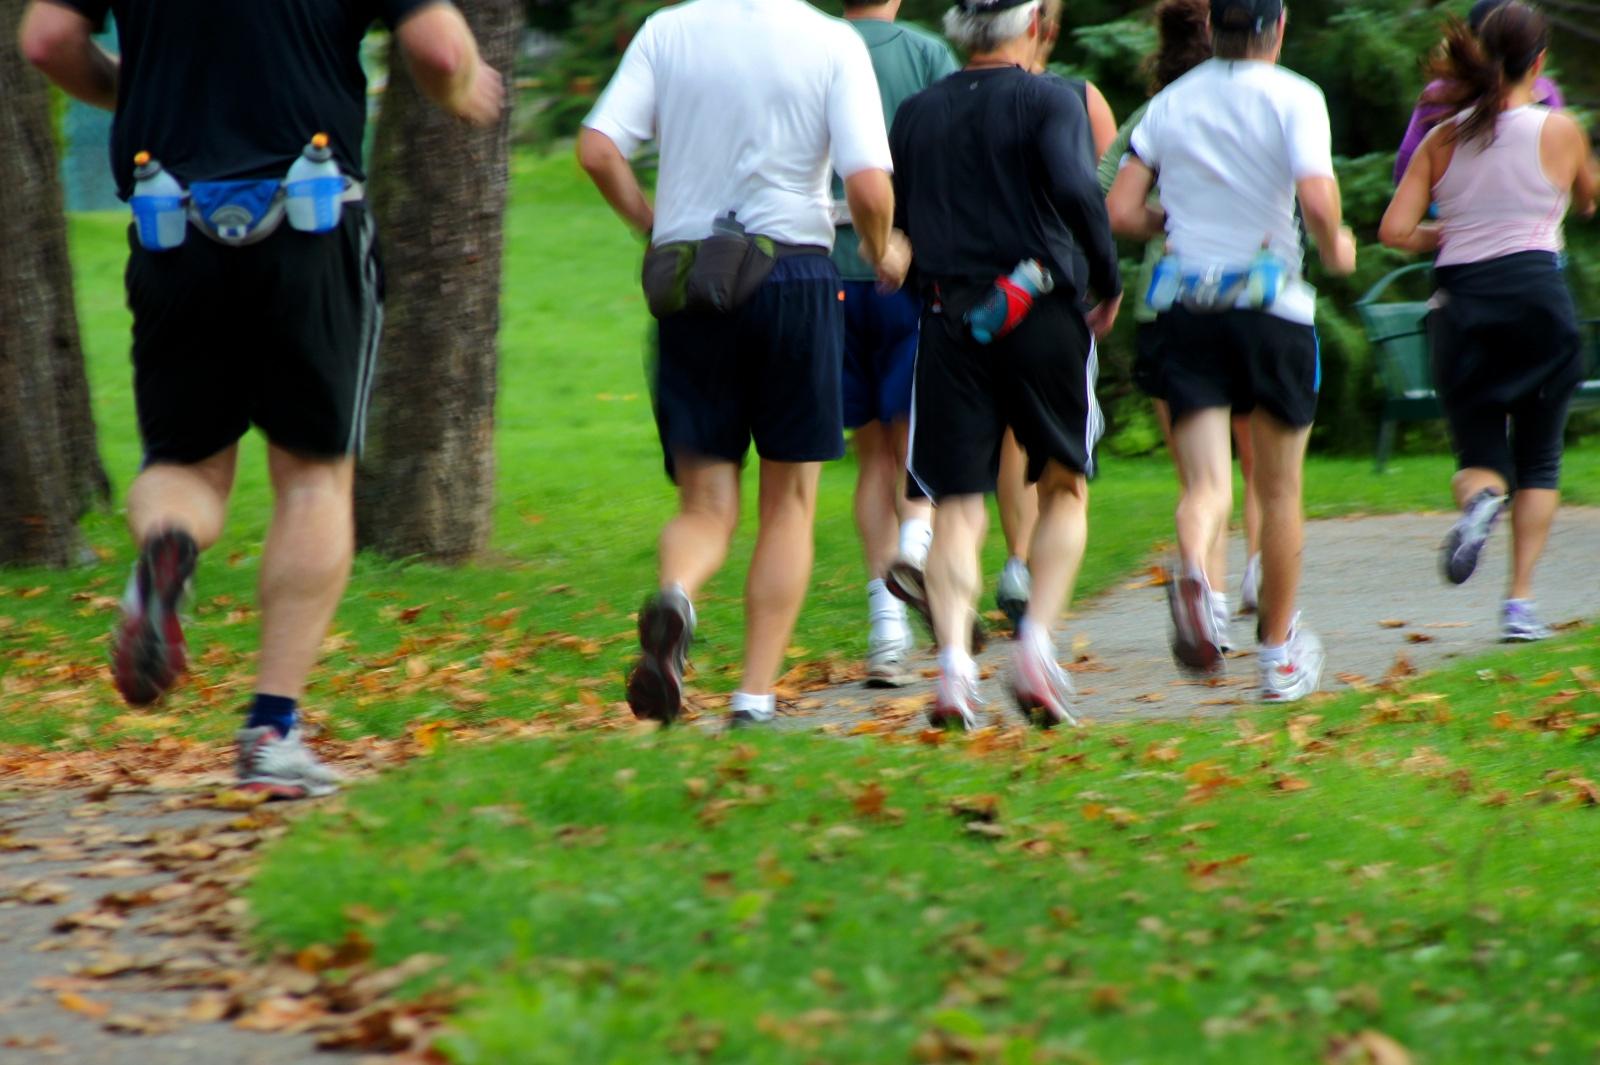 Америка бег голых людей фото 57-768